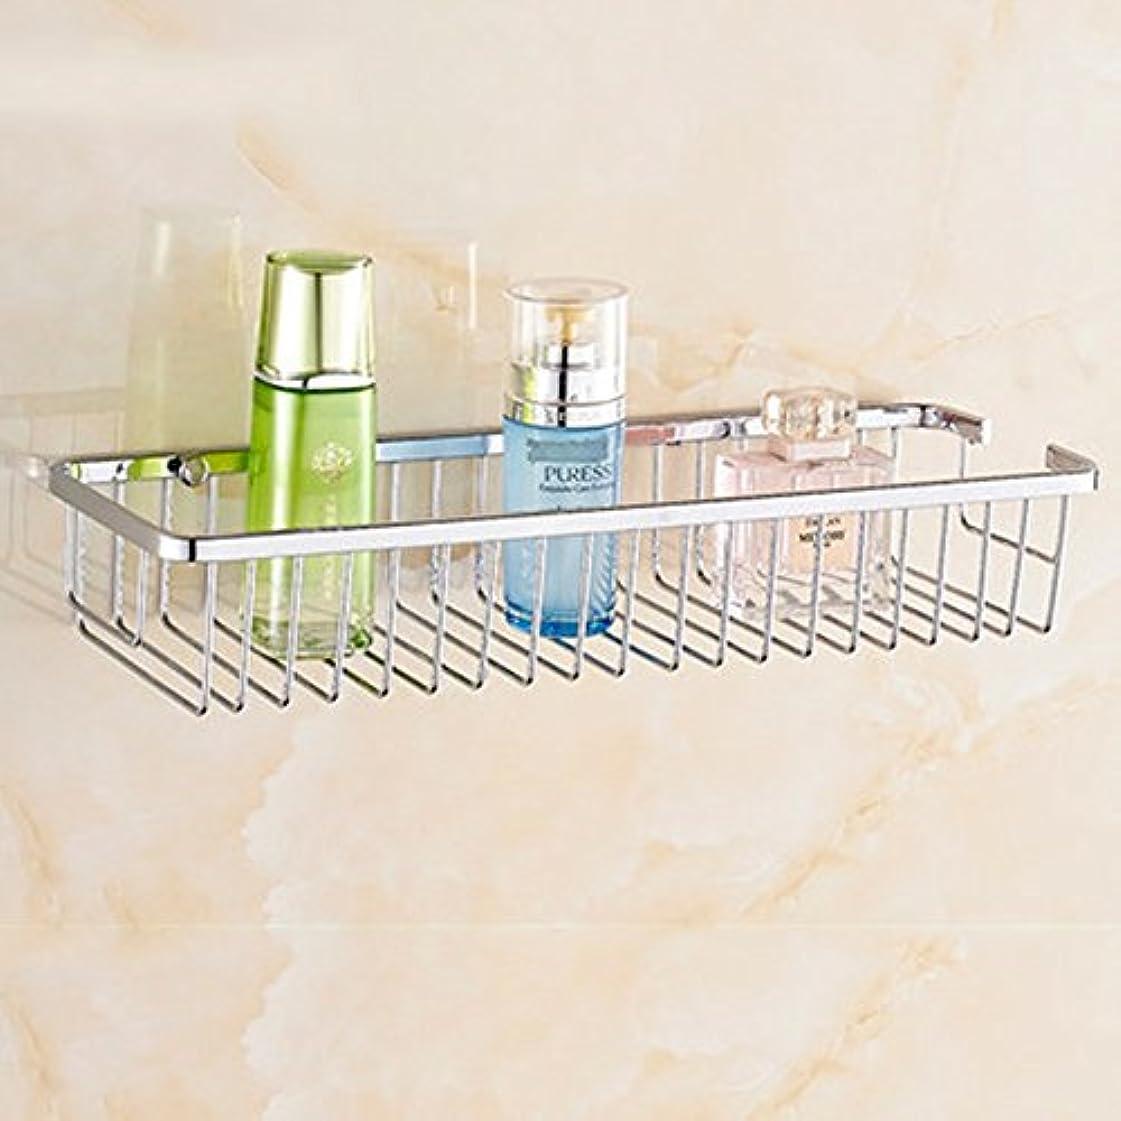 アーティストファイター良いZZLX 304ステンレススチールバスルームラックバスルーム棚シングルレイヤーダブルレイヤー四角形バスケット(オプションのサイズ)(オプションのレイヤー) ロングハンドル風呂ブラシ (色 : A, サイズ さいず : 30cm)